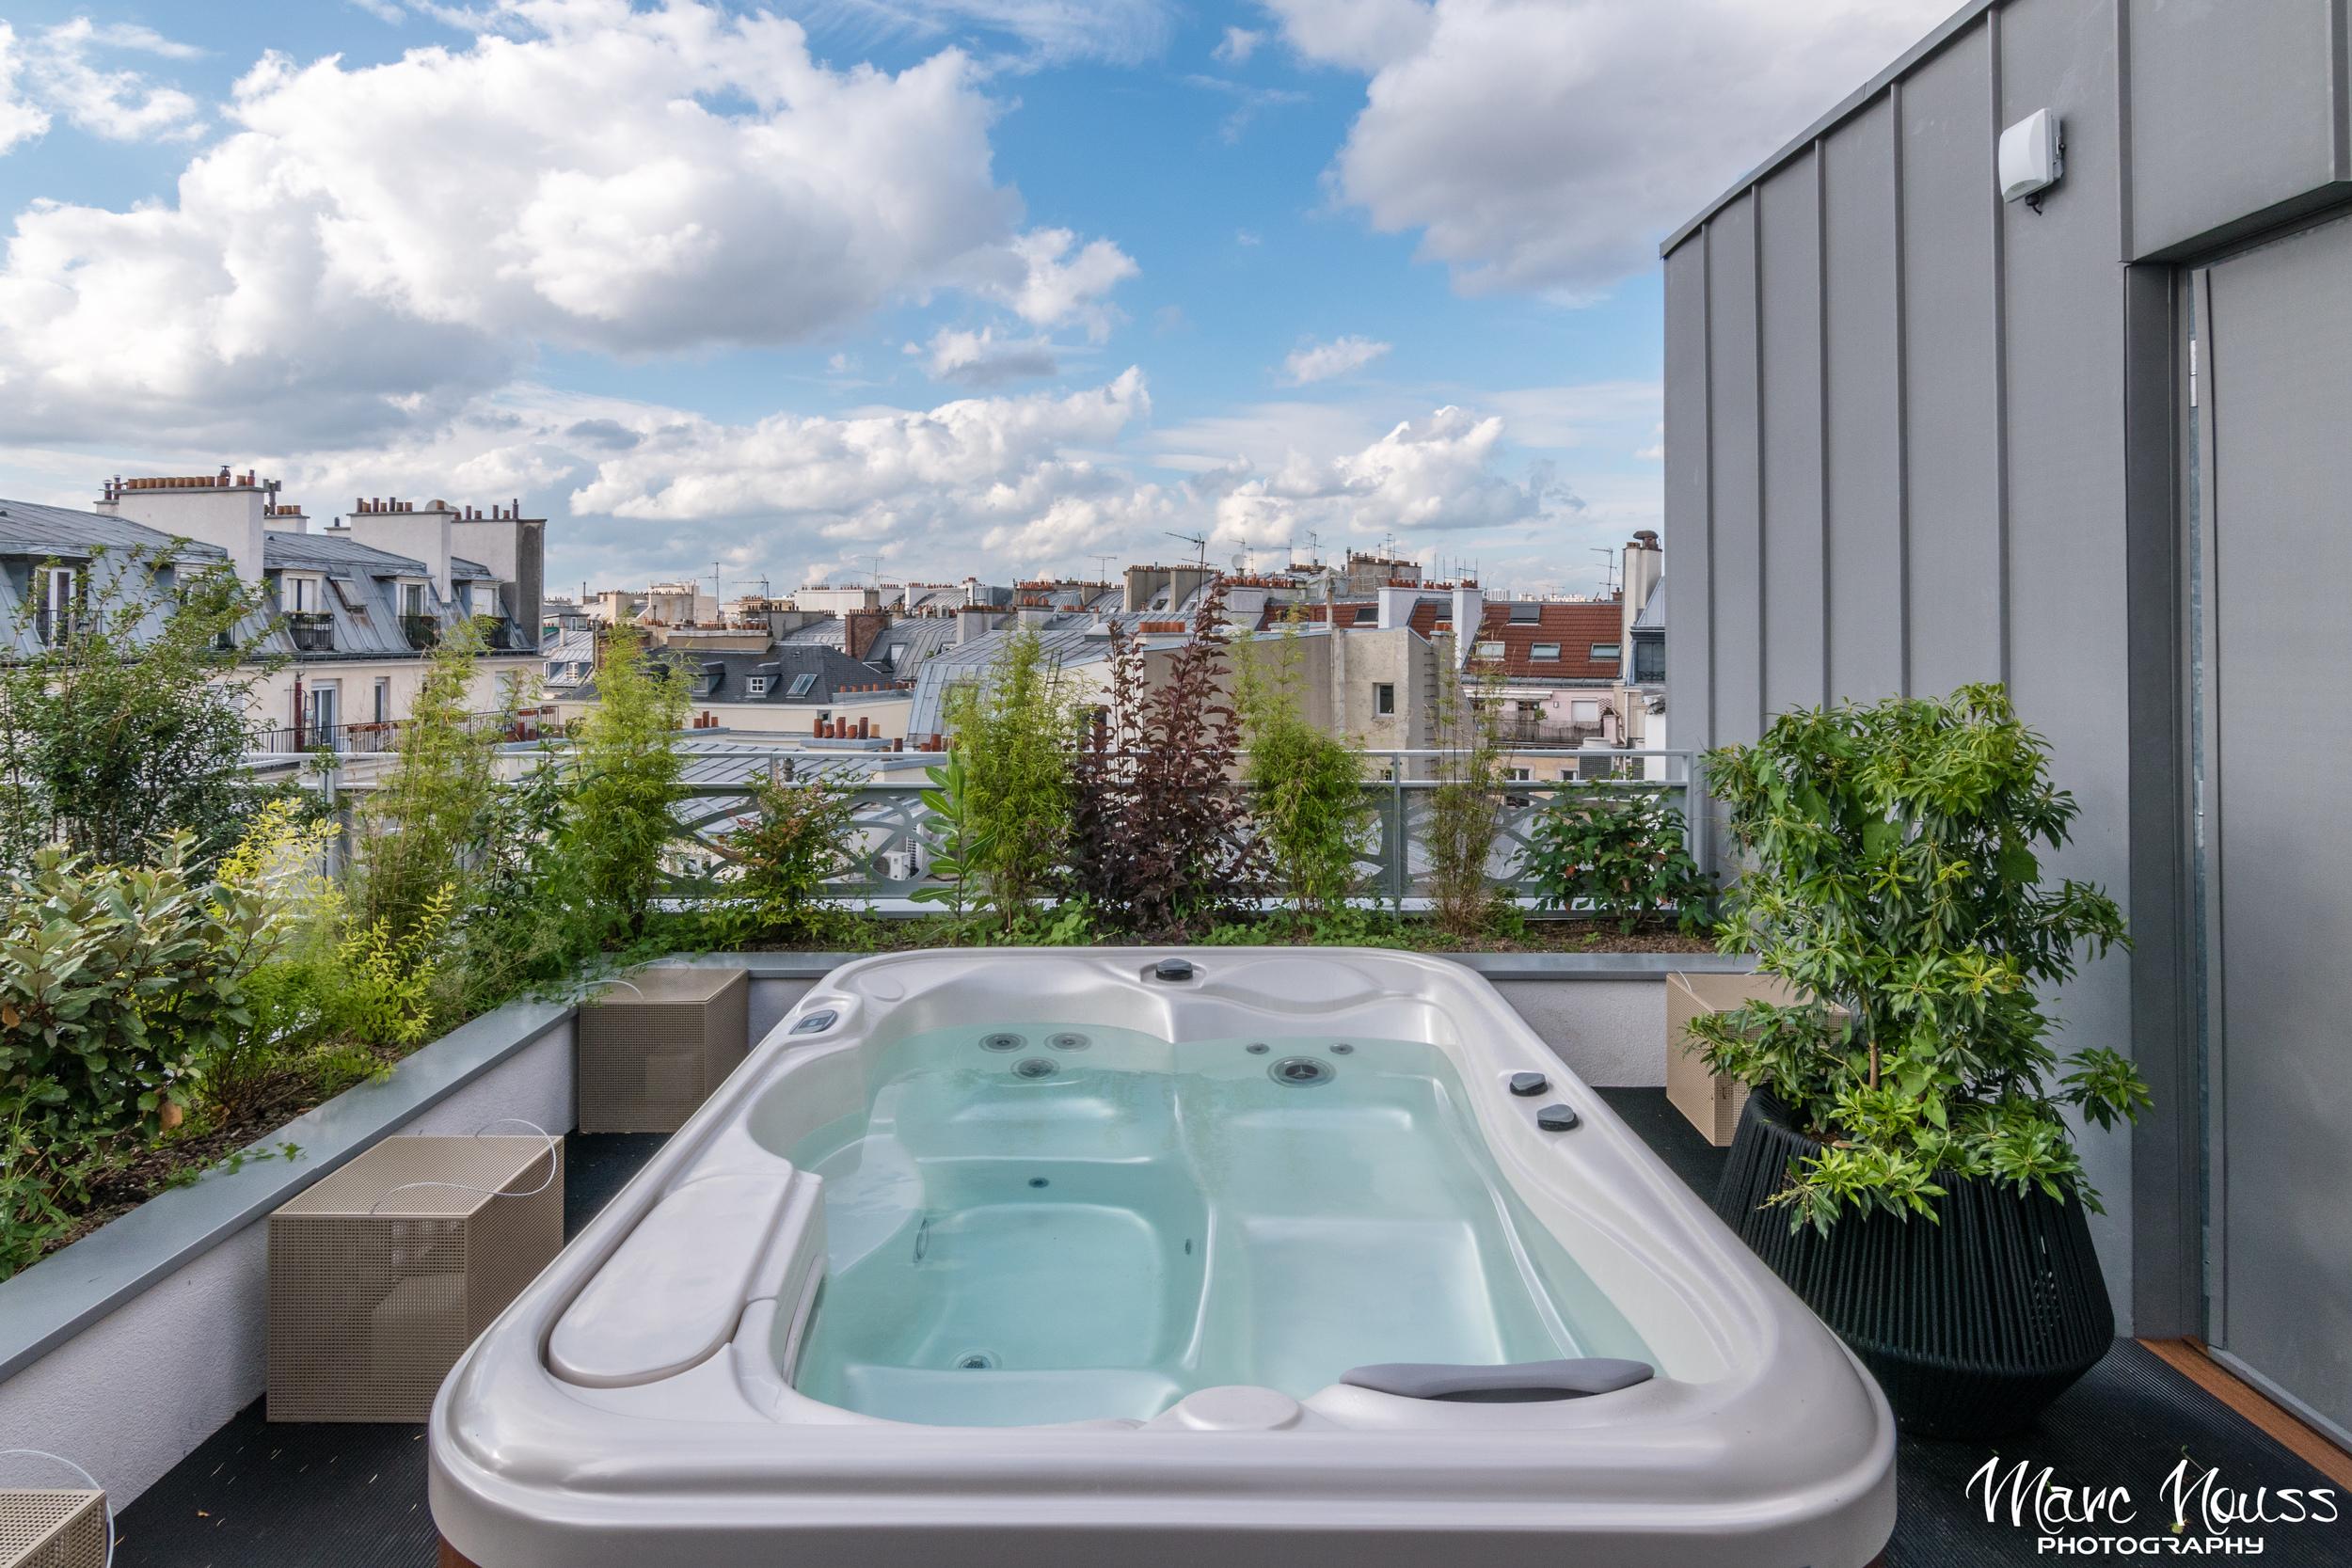 Spa Bath on the balcony